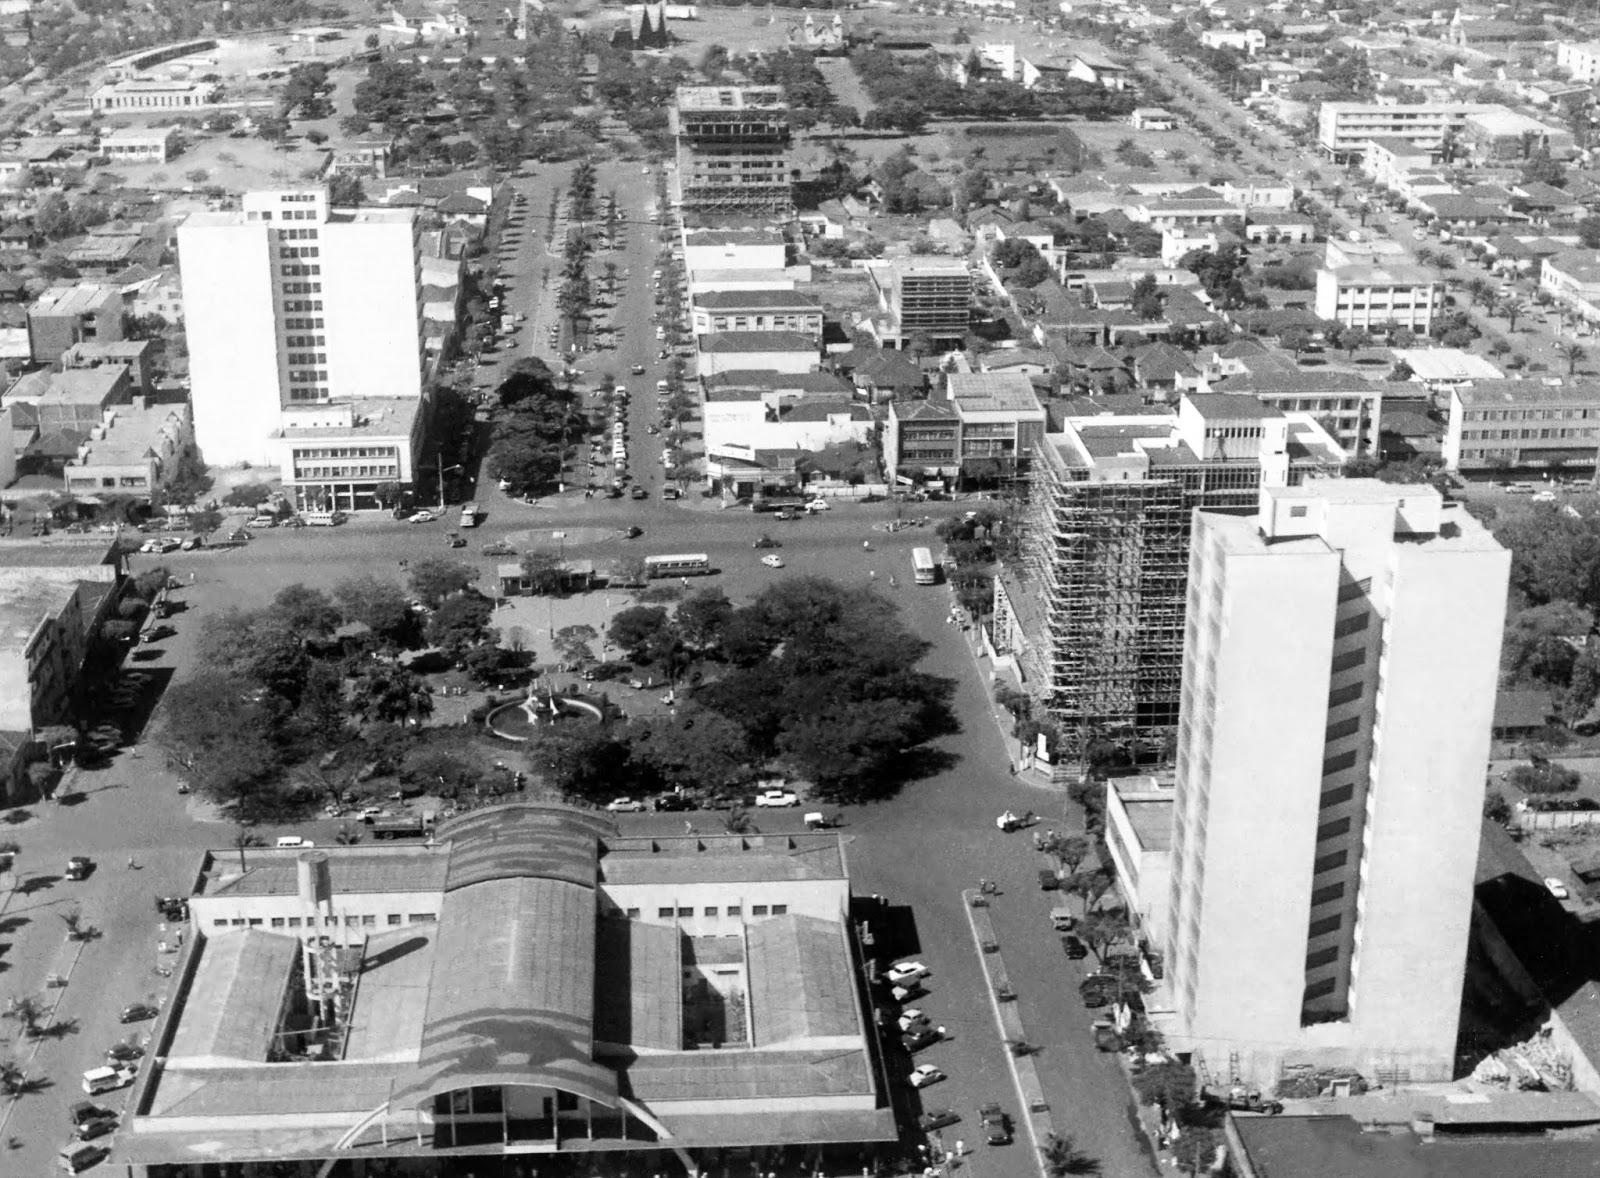 Rodoviária Municipal e praça Raposo Tavares - Década de 1960